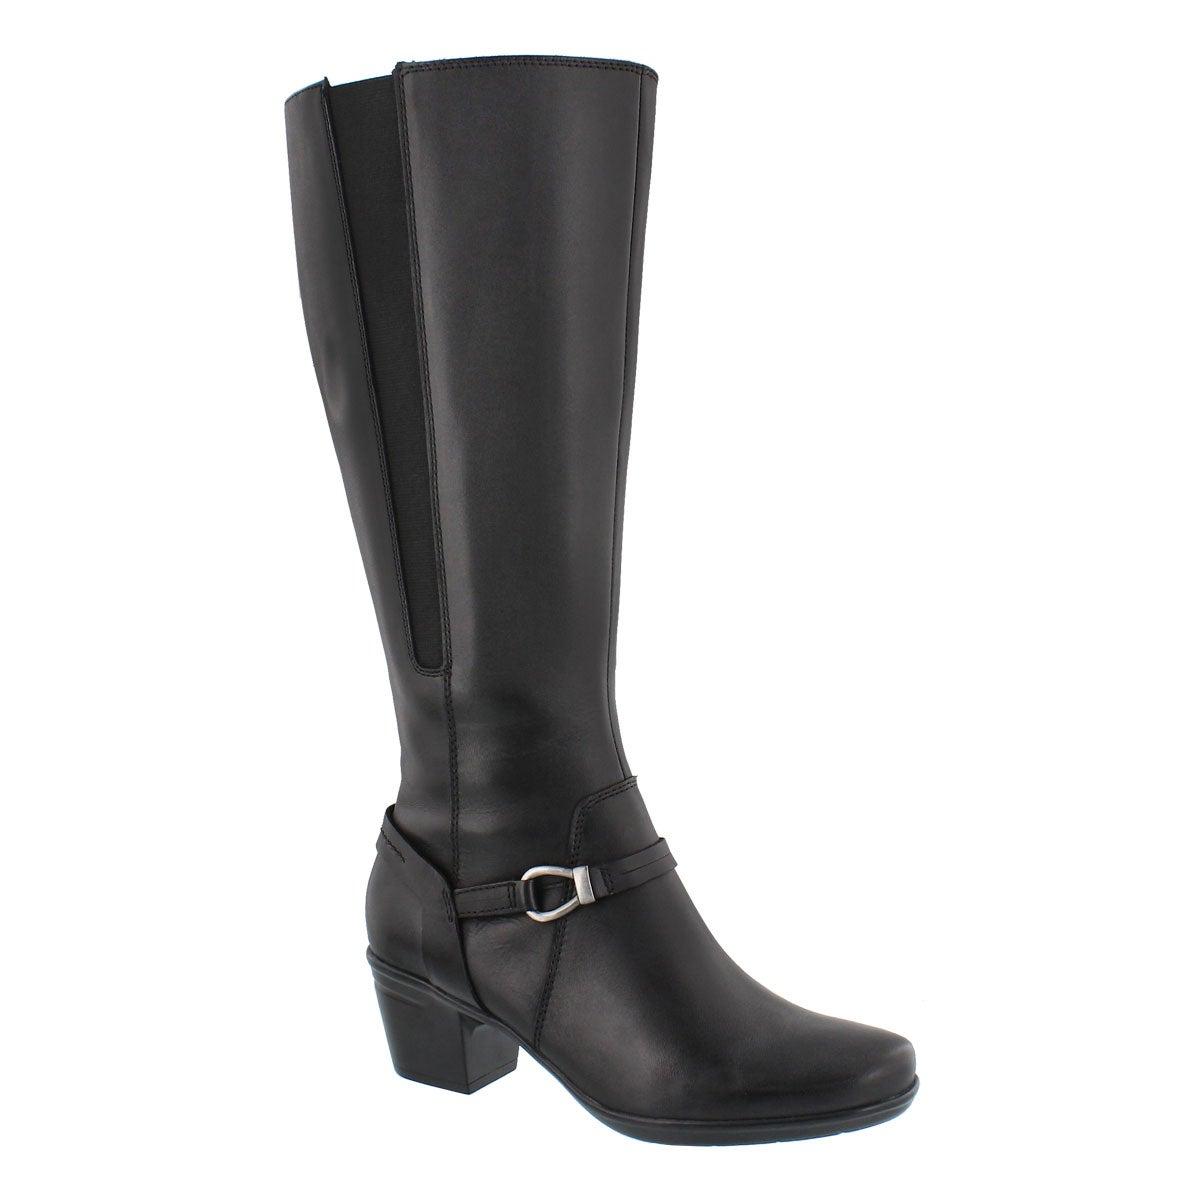 Women's EMSLIE SINAI black tall dress boots